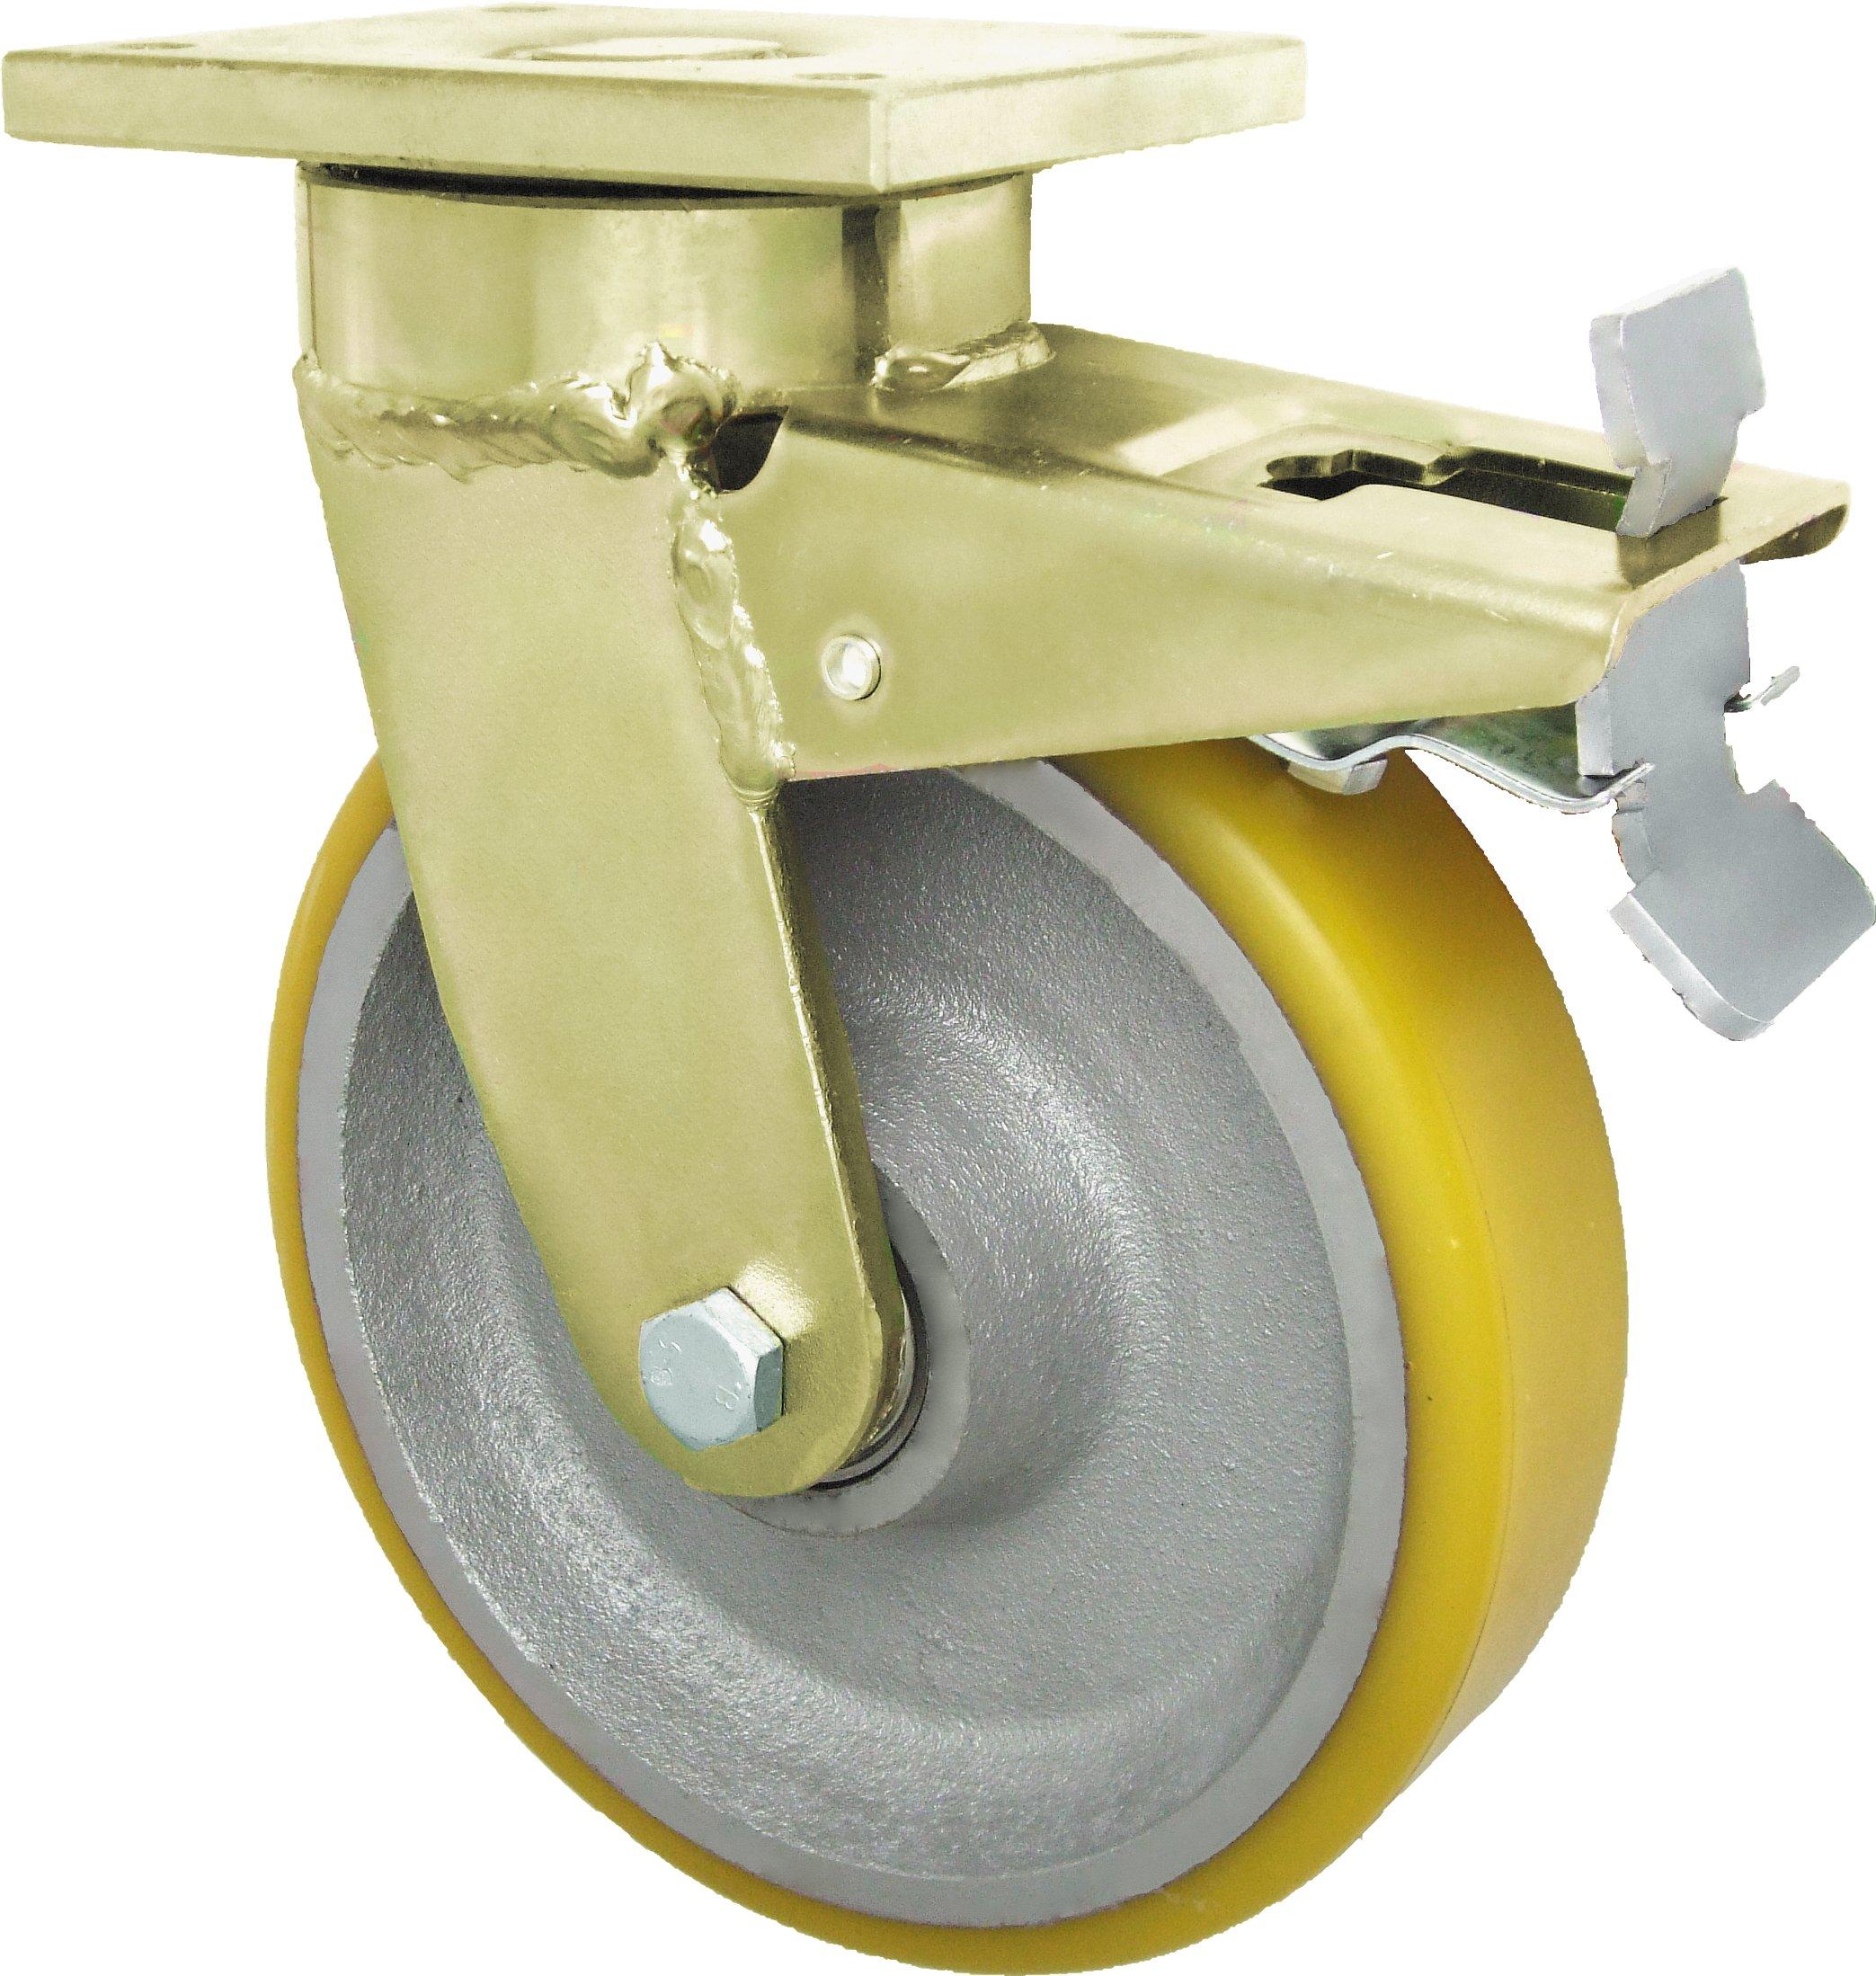 fi 250 Koła żeliwne skrętne z hamulcem 1000kg koło